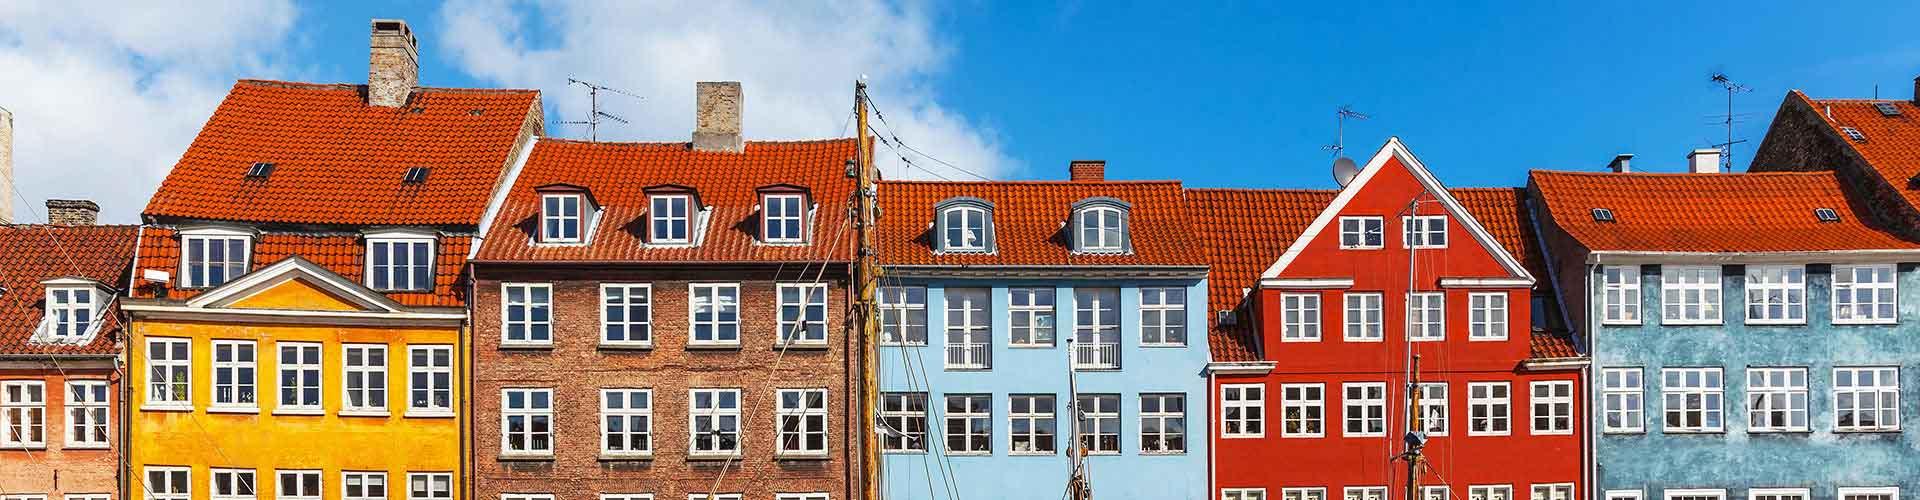 Kodaň - Hostelů v Kodaň. Mapy pro Kodaň, fotky a recenze pro každý hostel v Kodaň.